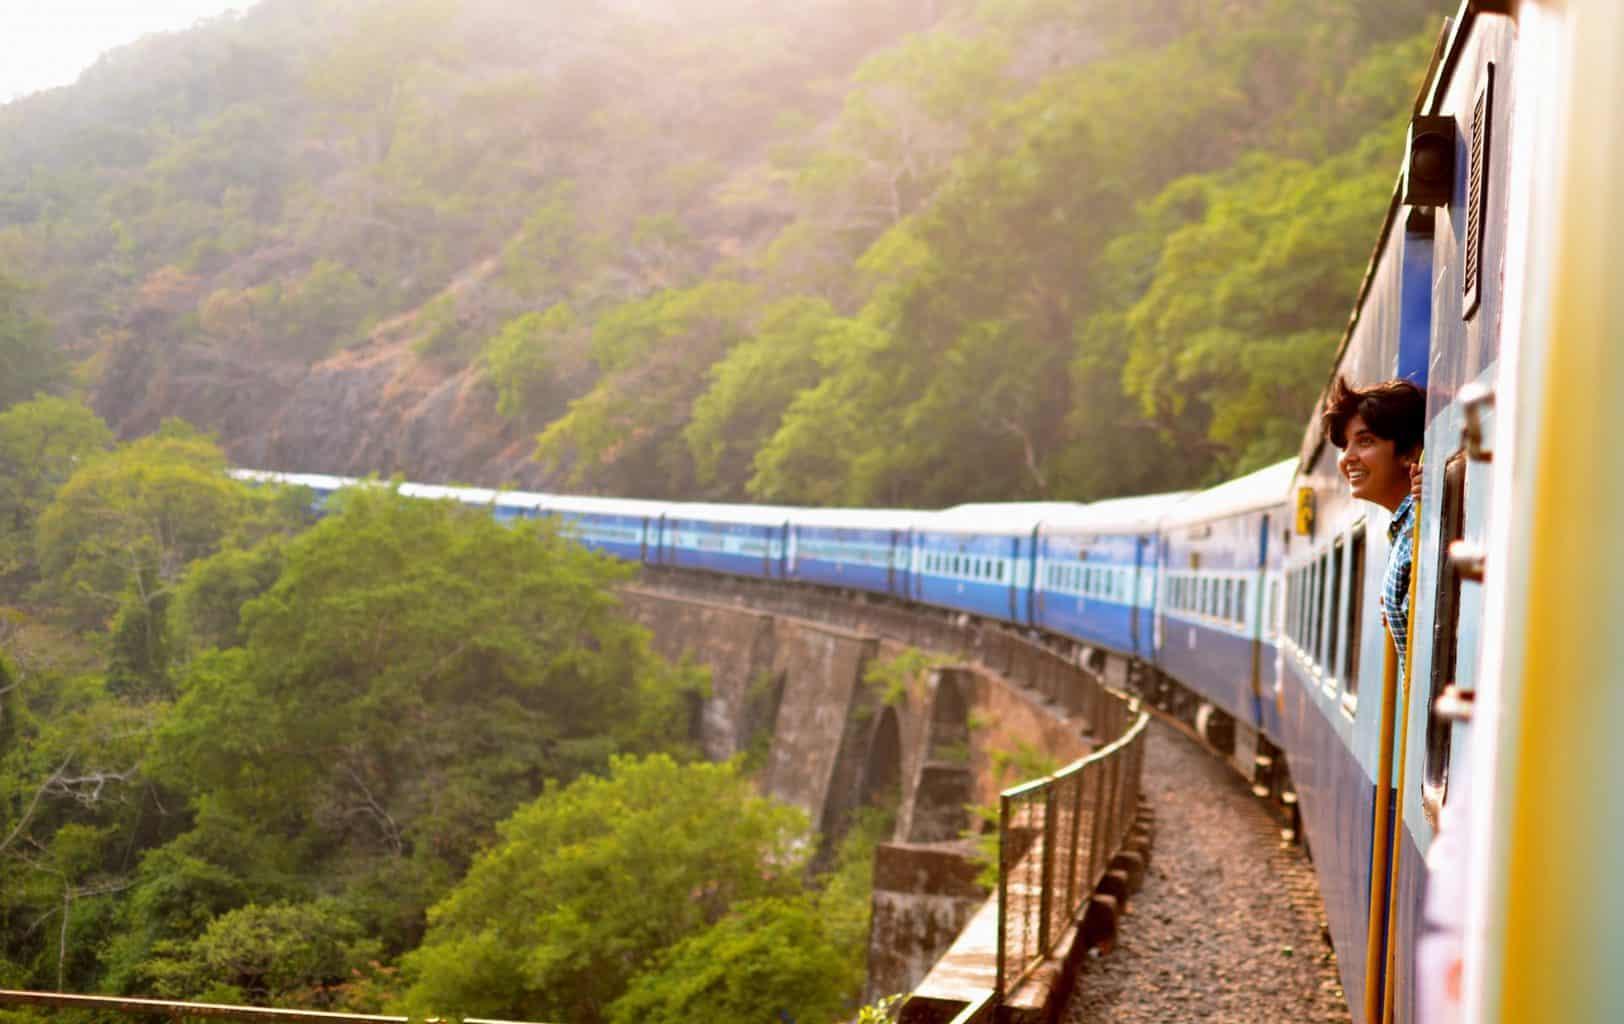 The Best Train Rides Around the World